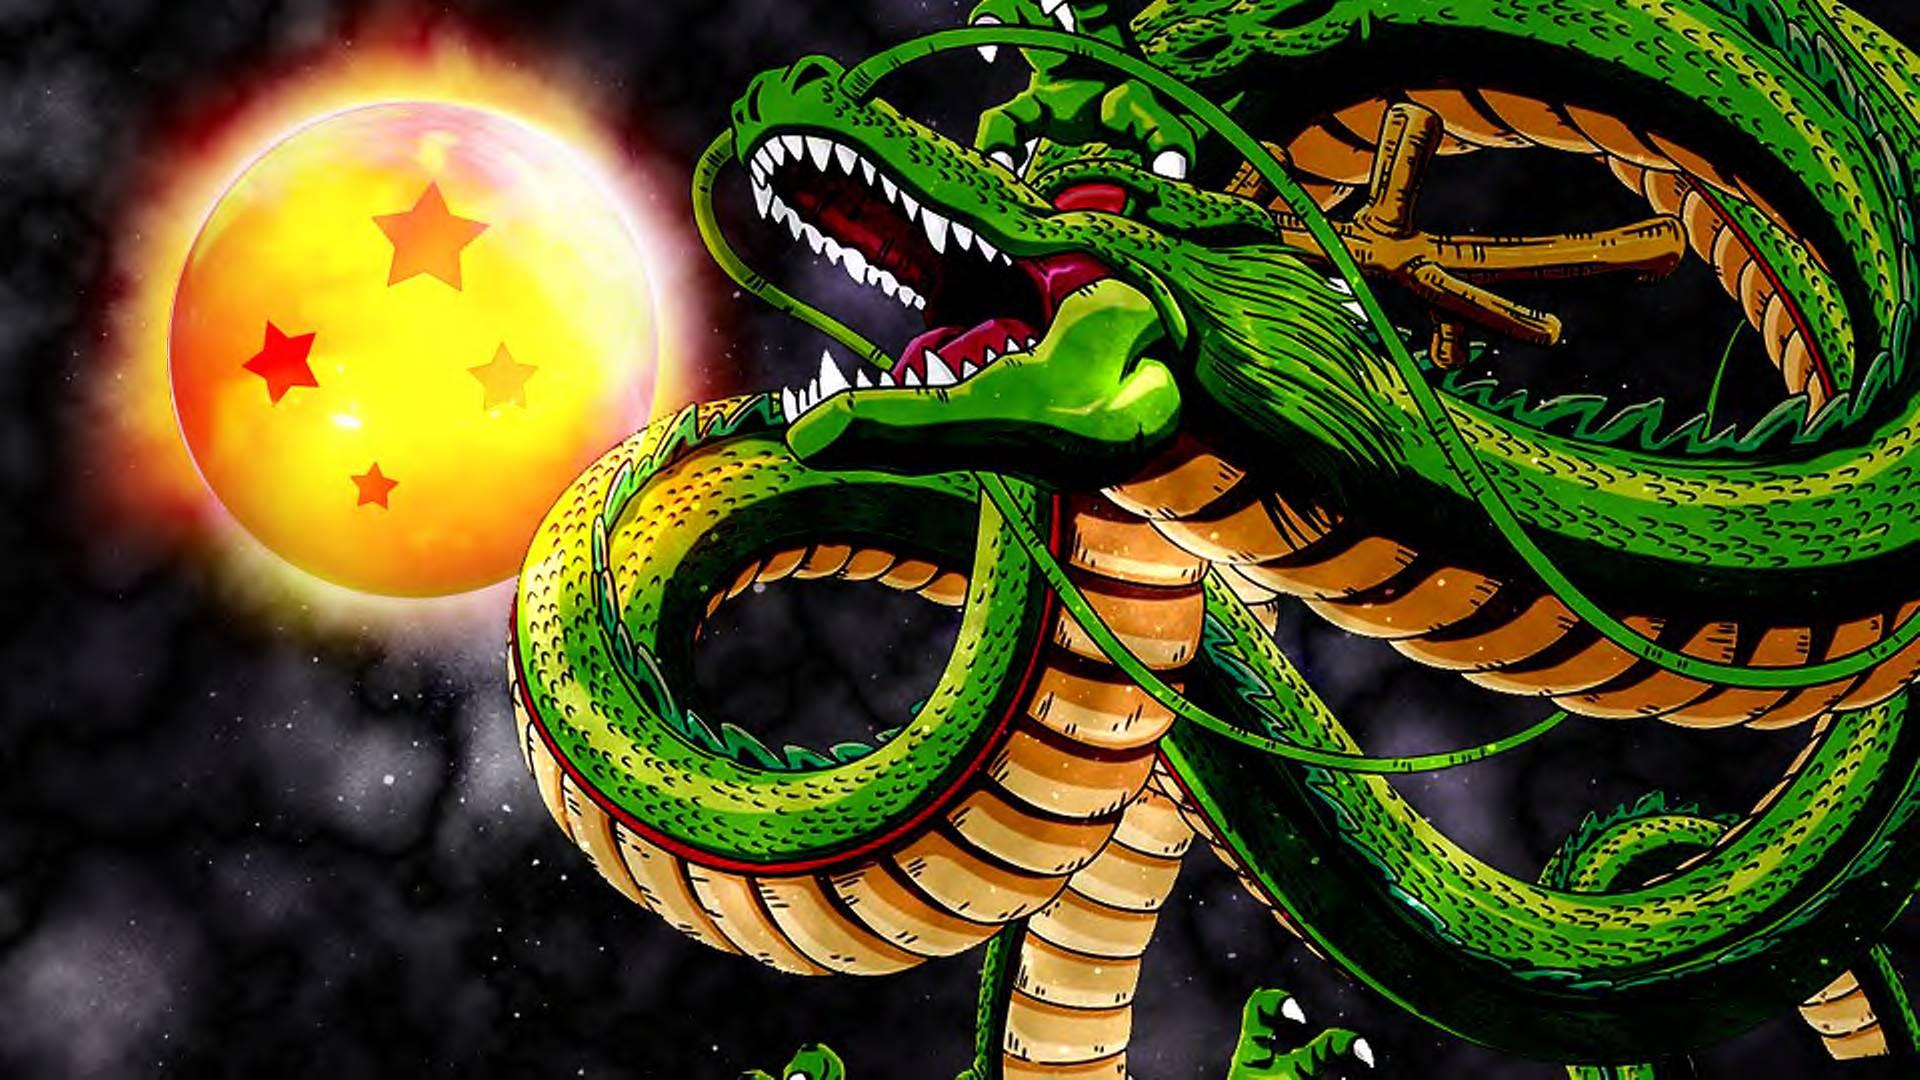 Dragon Ball Z Dragon Wallpaper 6077 Wallpaper WallDiskPaper 1920x1080